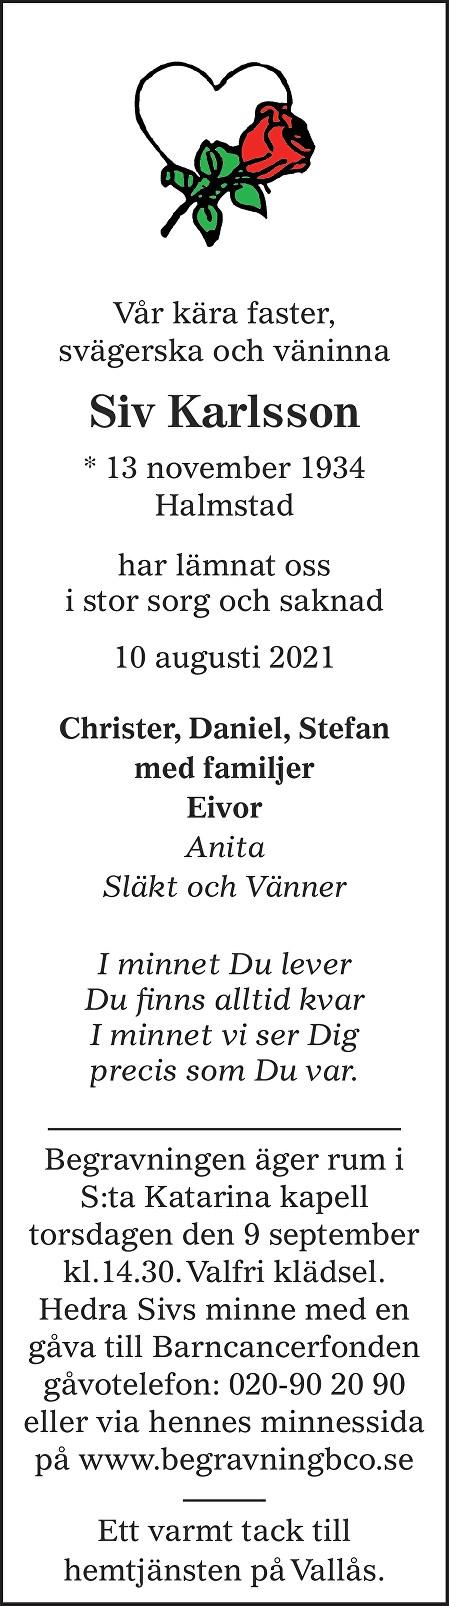 Siv Karlsson Death notice